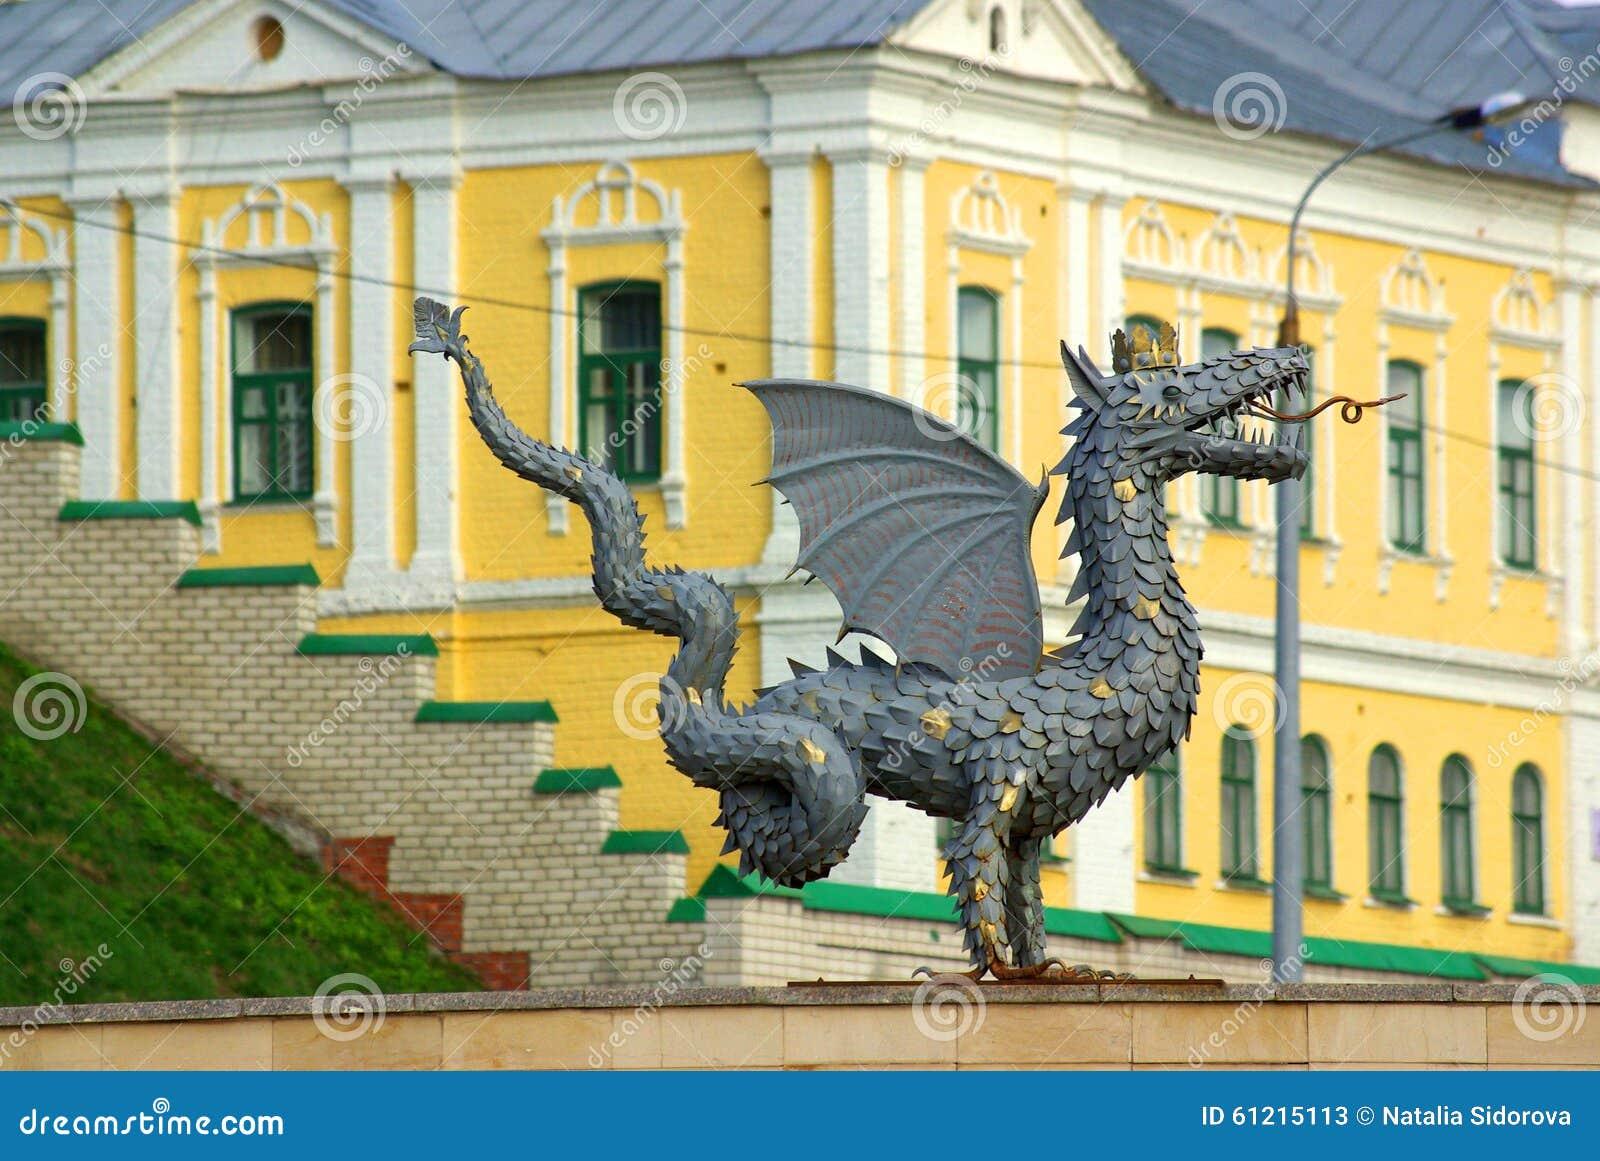 Metaalbeeldhouwwerk van Zilant, het officiële symbool van Kazan